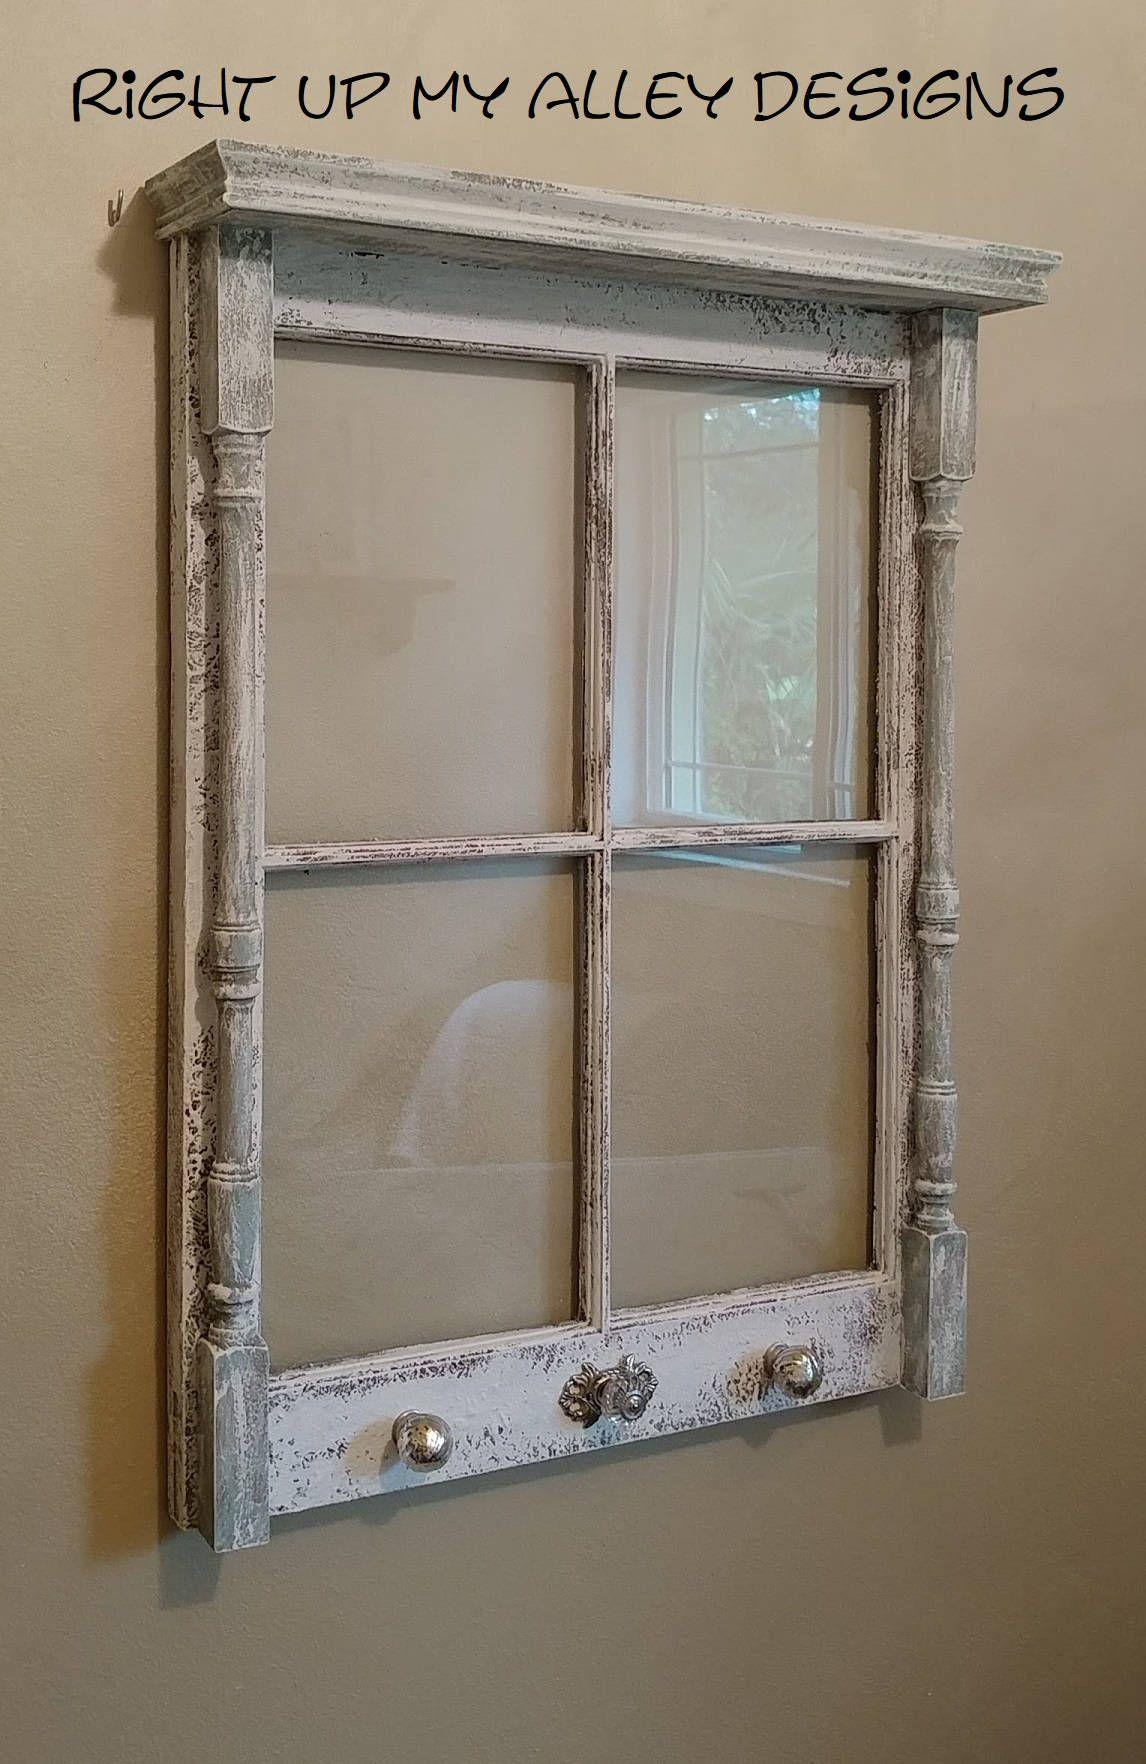 Small window decor  old window with shelfwindow ideassmall  pane window with shelf